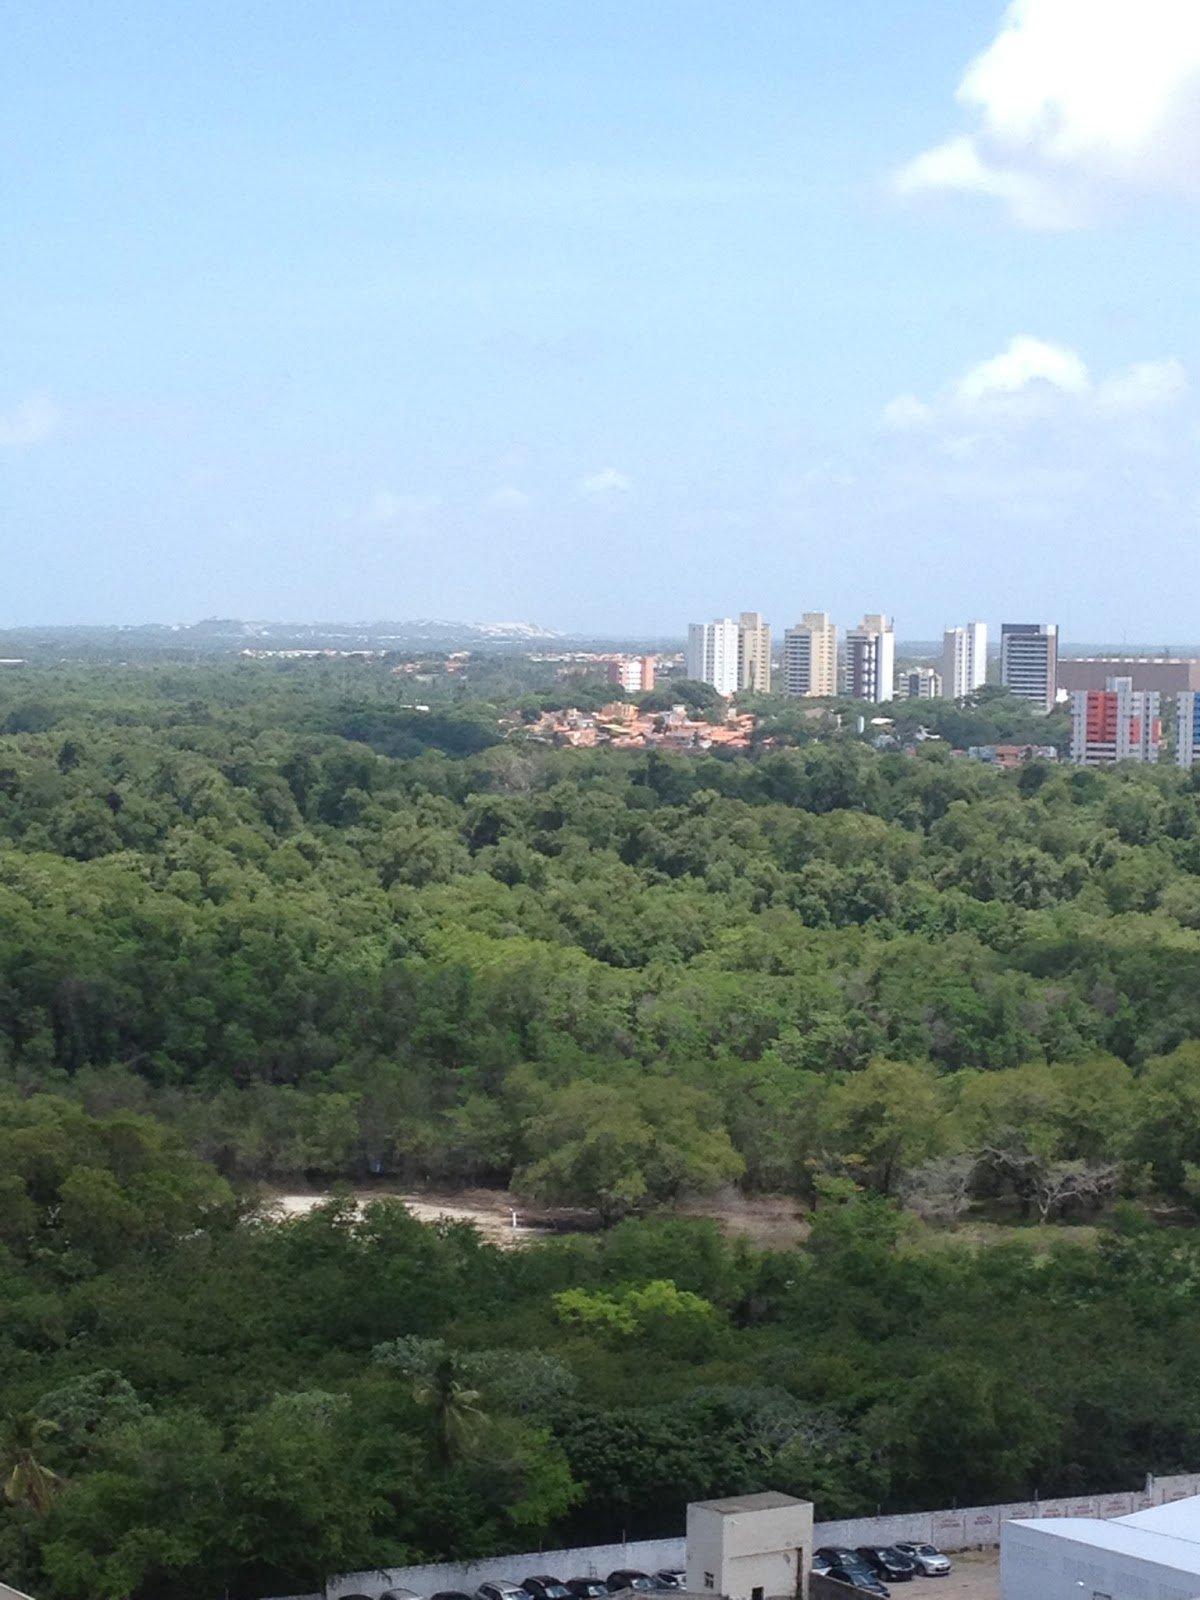 A proposta de mosaico na bacia do Cocó pretende criar uma rede de áreas protegidas de 2.907,44 ha; sendo 1.050,85 ha do Parque Estadual do Cocó